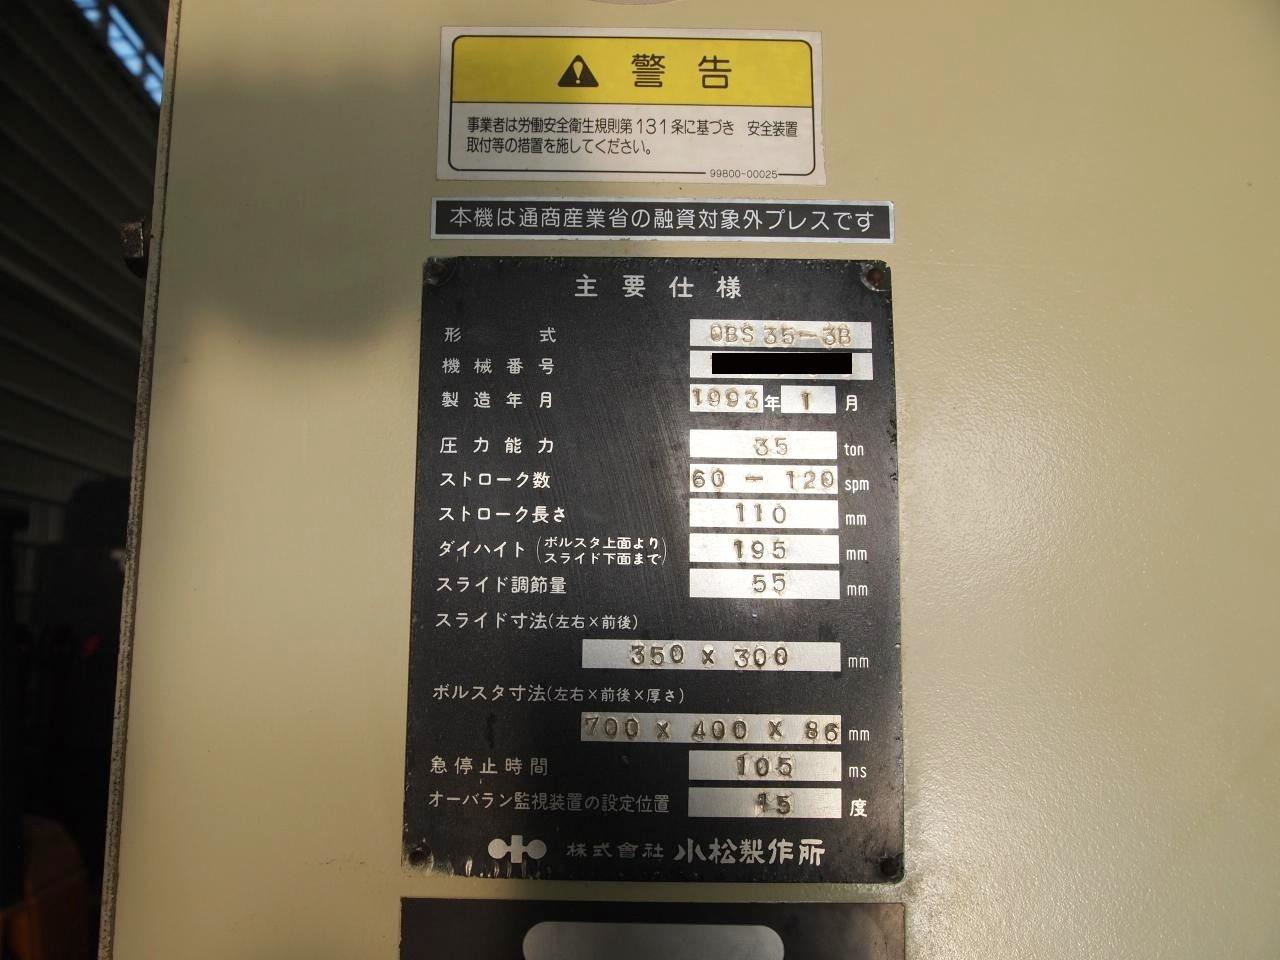 OBS-35-3B銘板